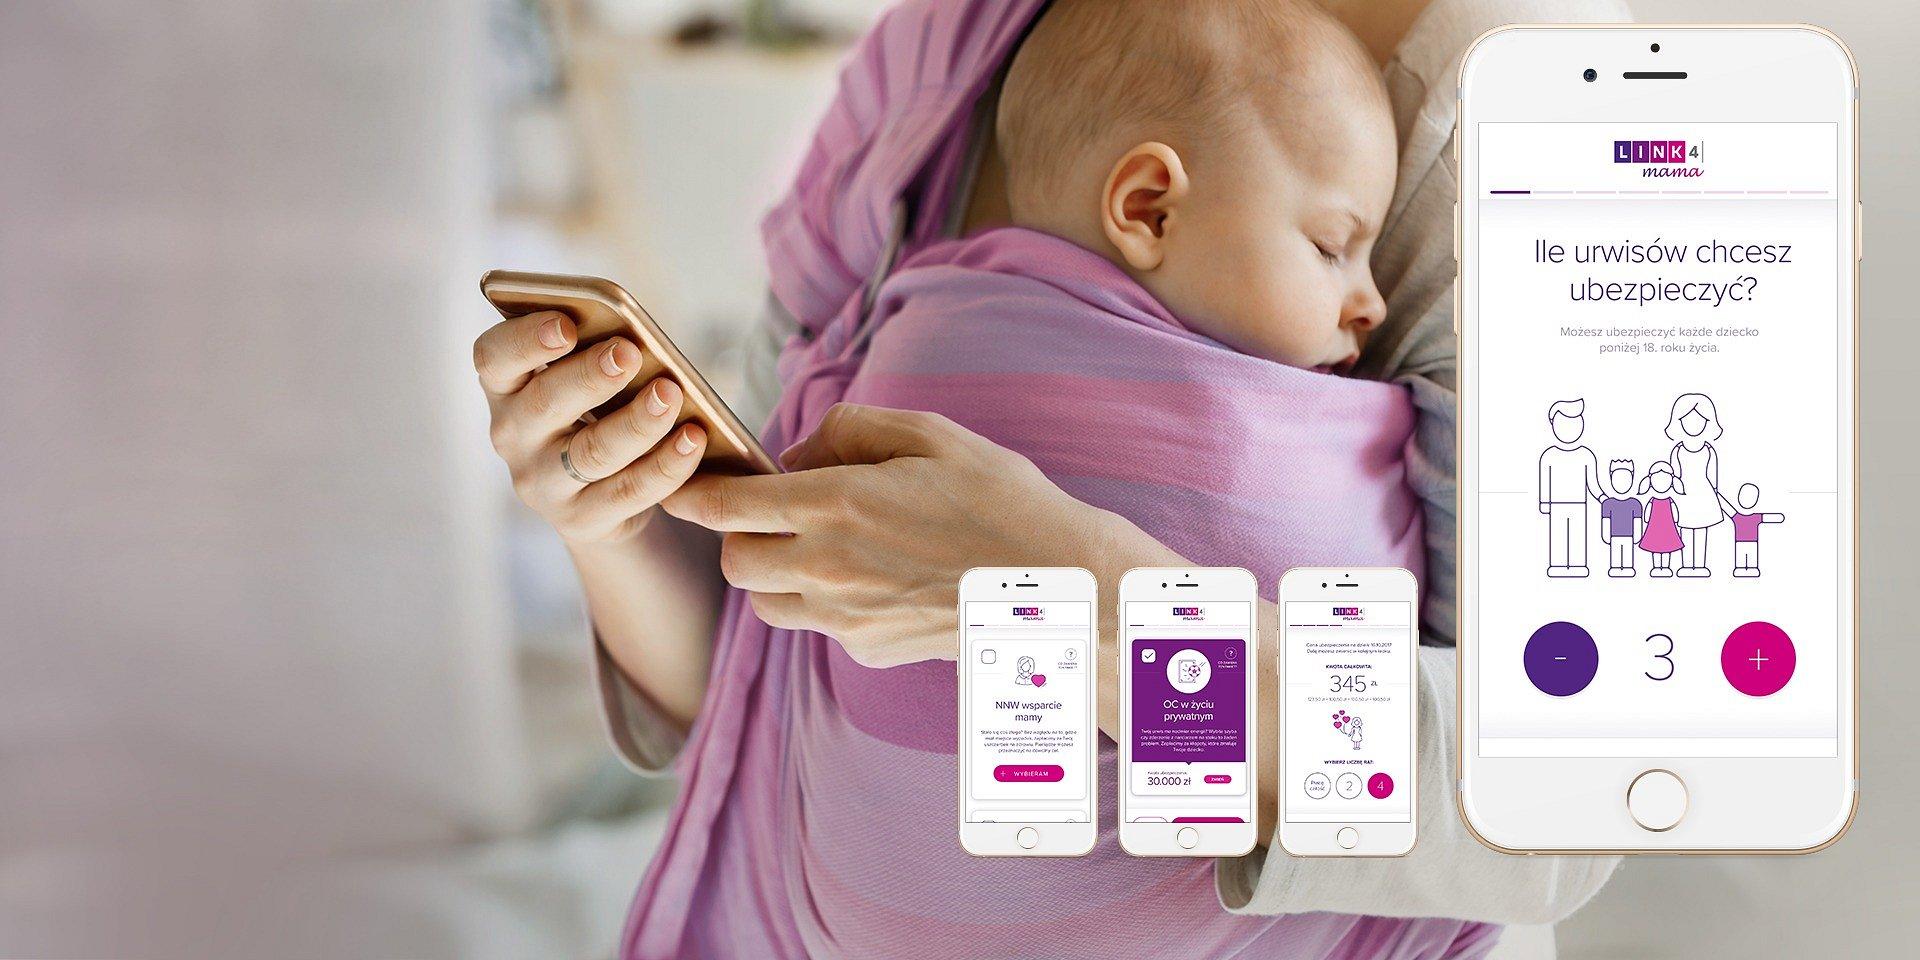 LINK4 Mama - dobrze zaprojektowane ubezpieczenie dla rodzin